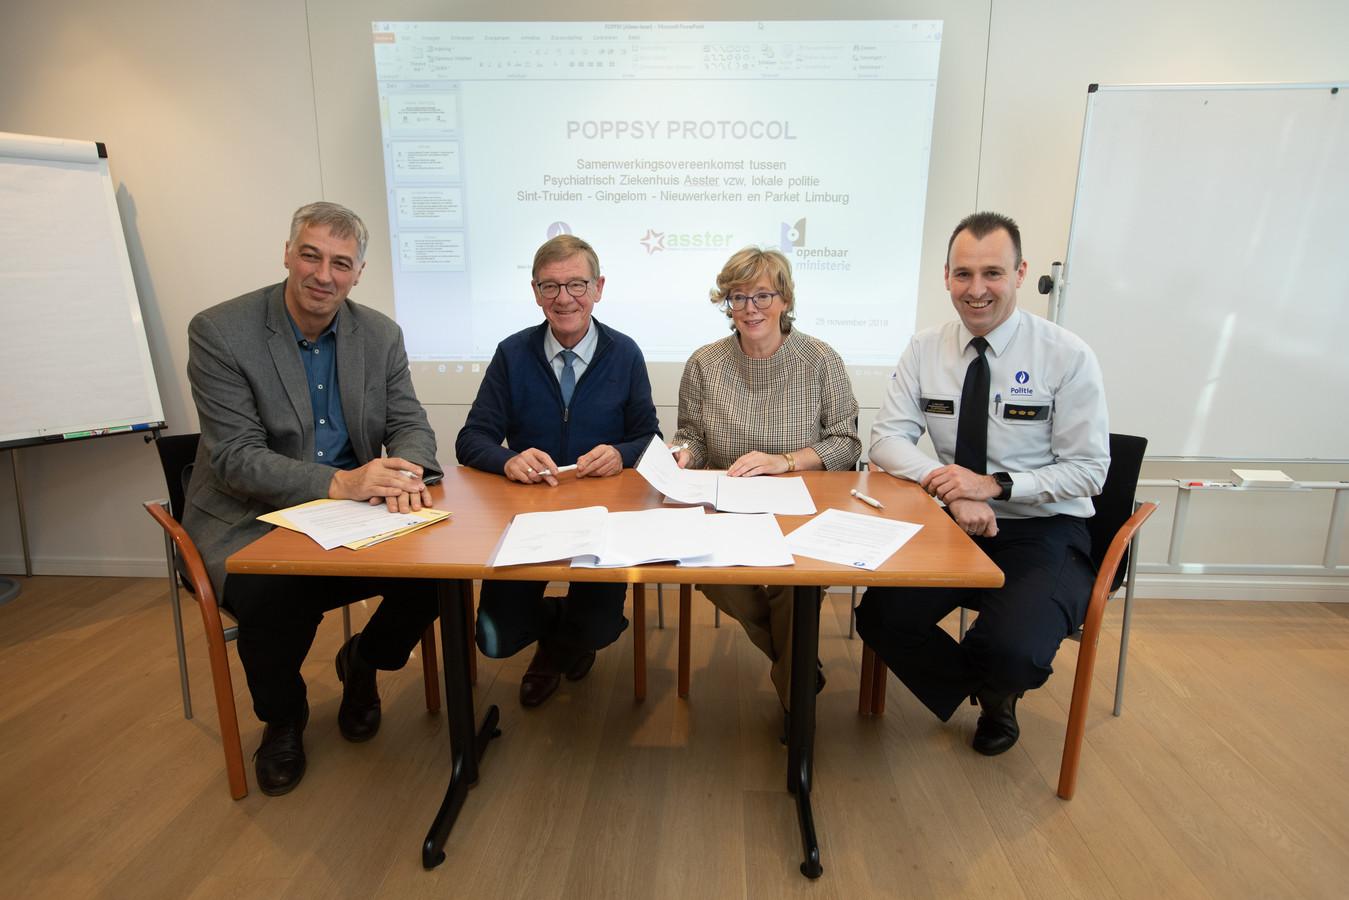 Ondertekening protocol tussen het Psychiatrisch Ziekenhuis Asster vzw, de lokale politie Sint-Truiden - Gingelom - Nieuwerkerken en het Parket Limburg